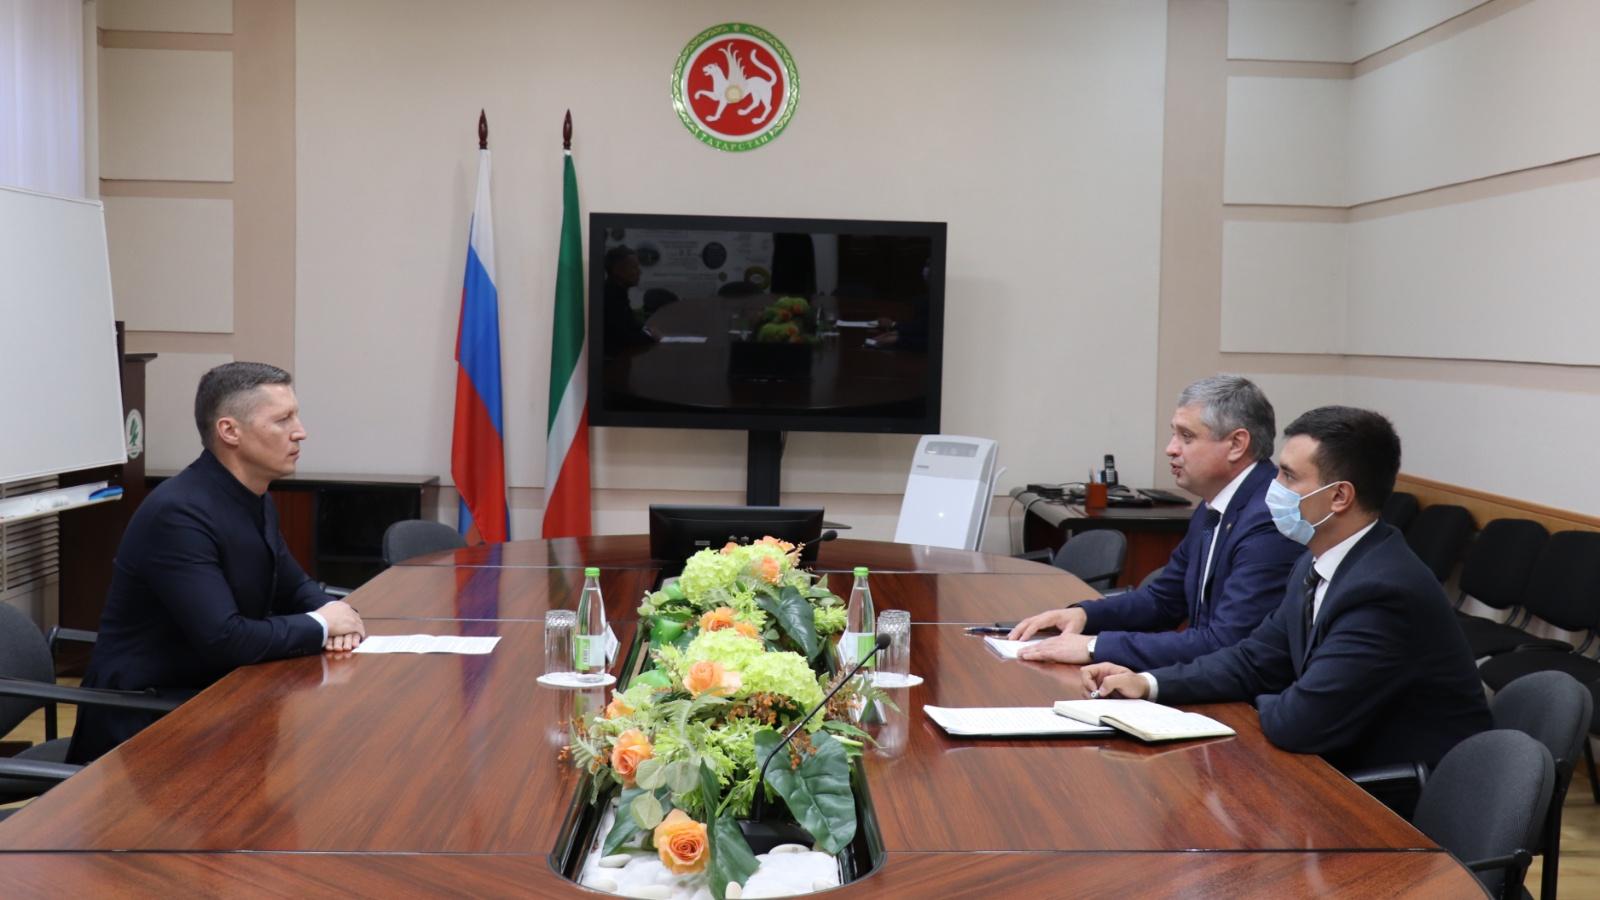 В Минэкологии РТ состоялась встреча с руководителем Татарстанского отделения Российского экологического общества